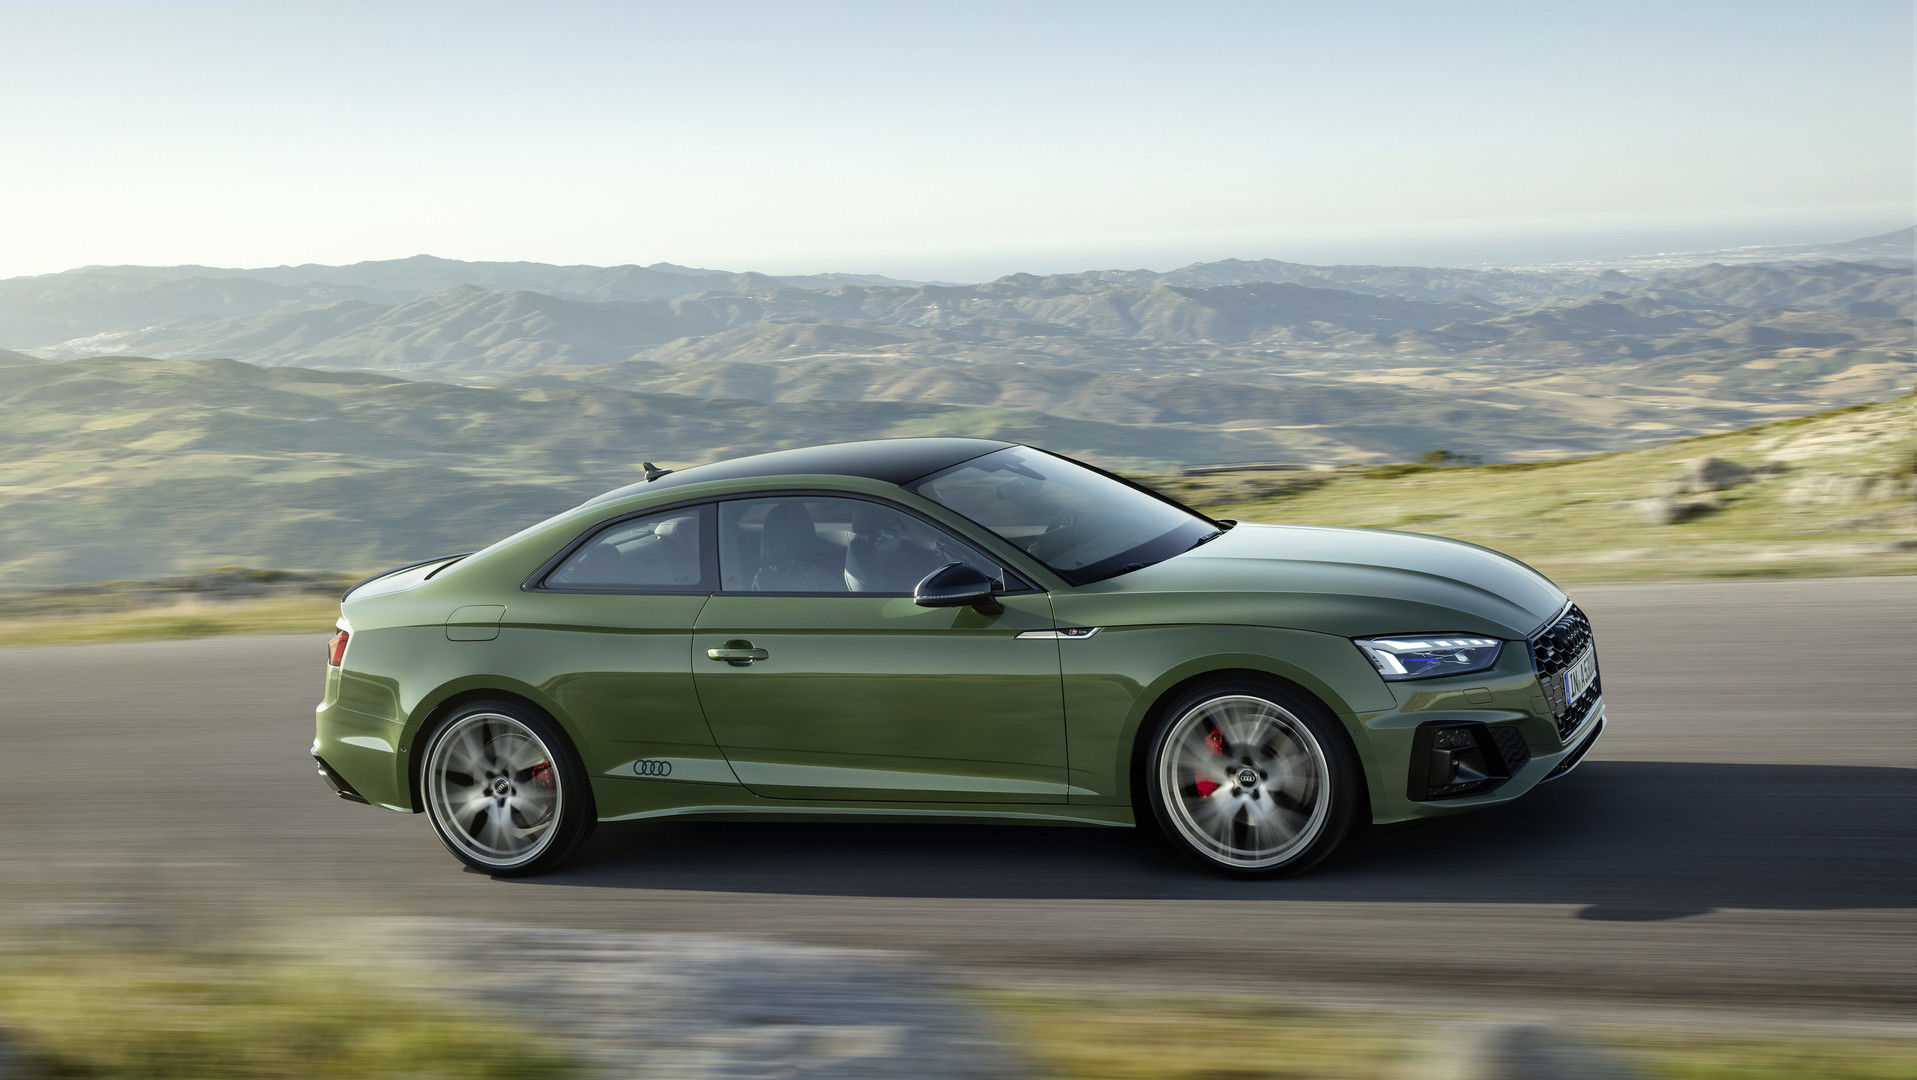 """""""Audi"""" pradėjo naudoti ypatingą automobilių dažymo būdą - jokio nutekėjimo, maskavimo ir dažų švaistymo"""